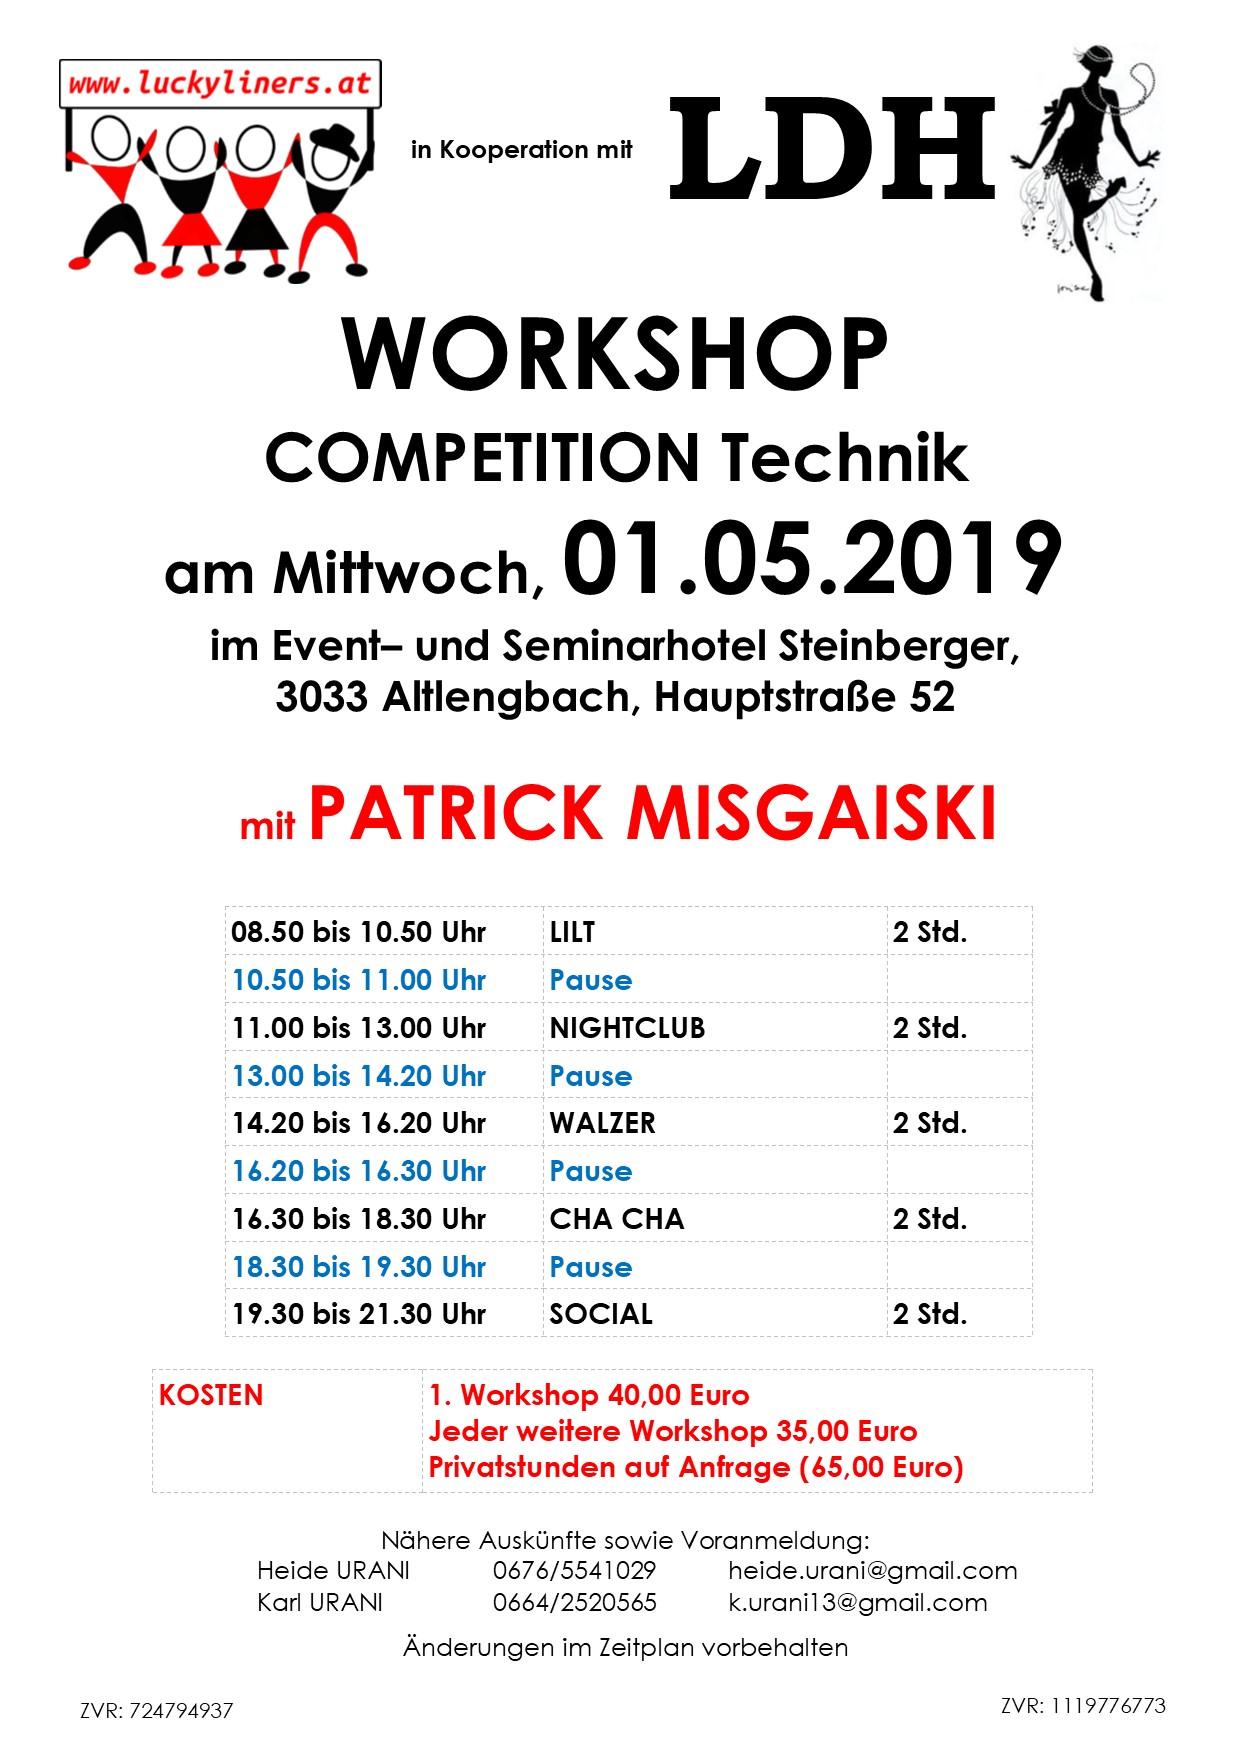 WS 01.05.2019 Misgaiski